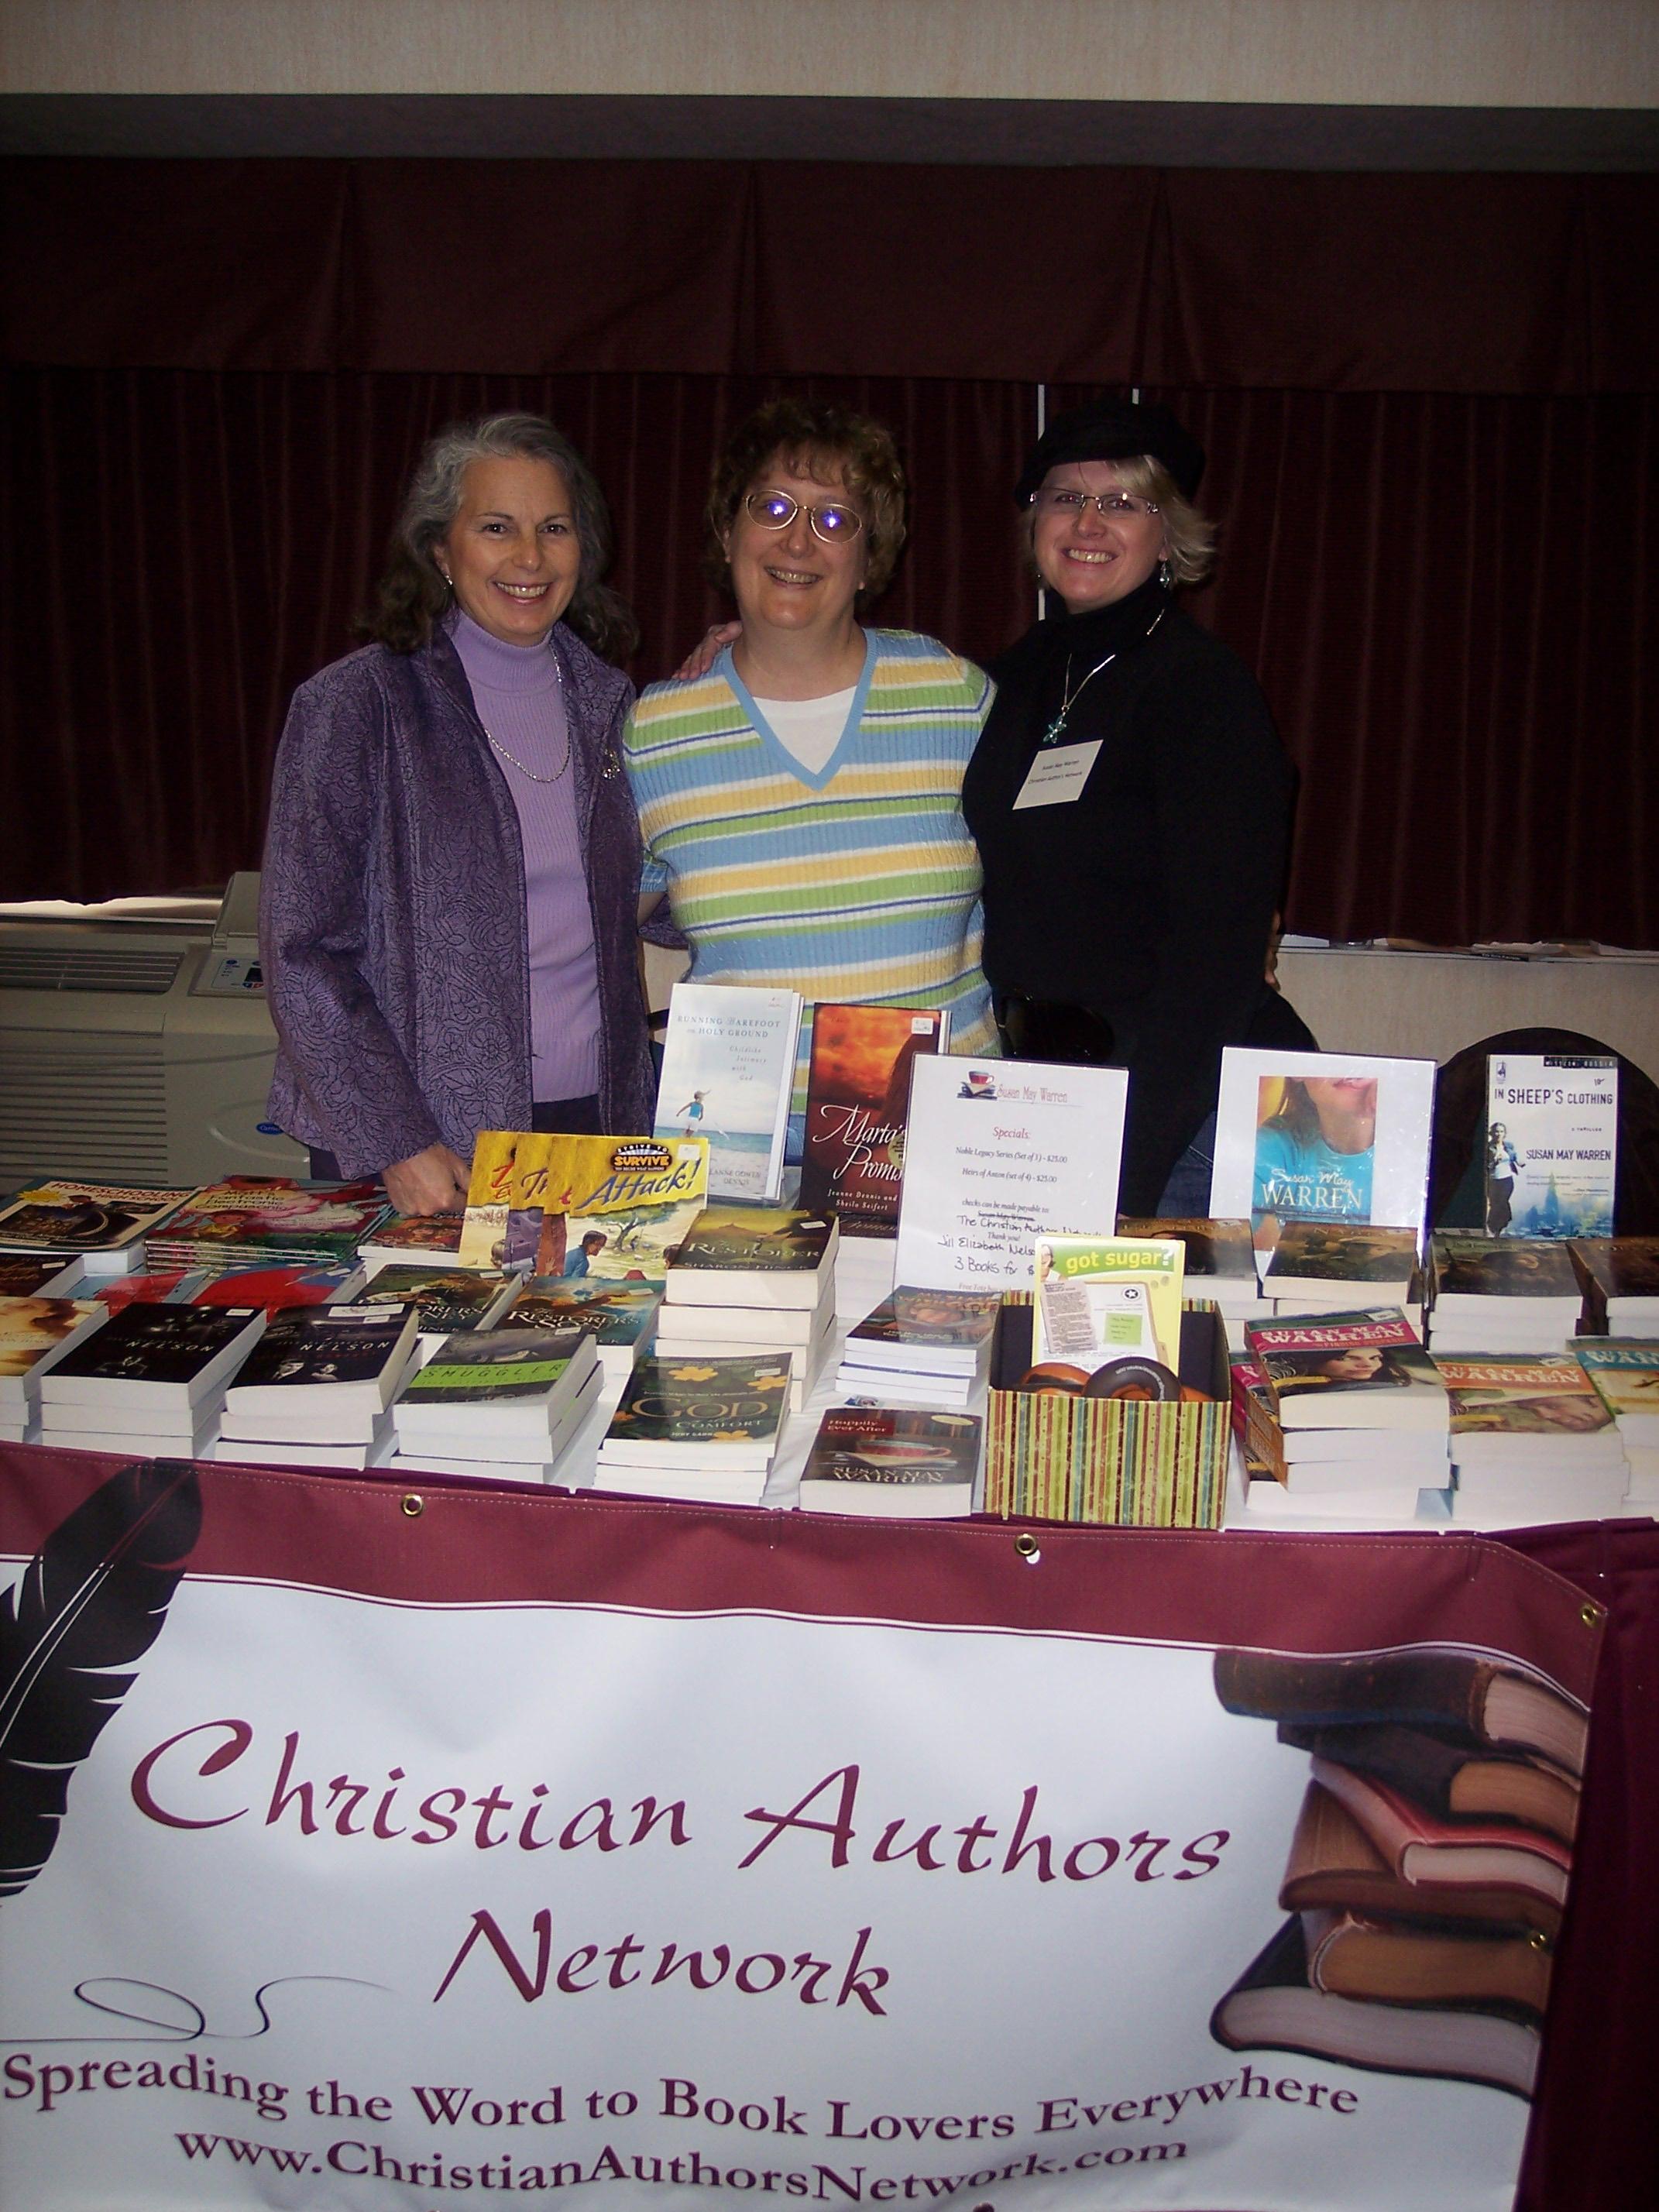 Jeanne Dennis, Jill Nelson, Susie May Warren